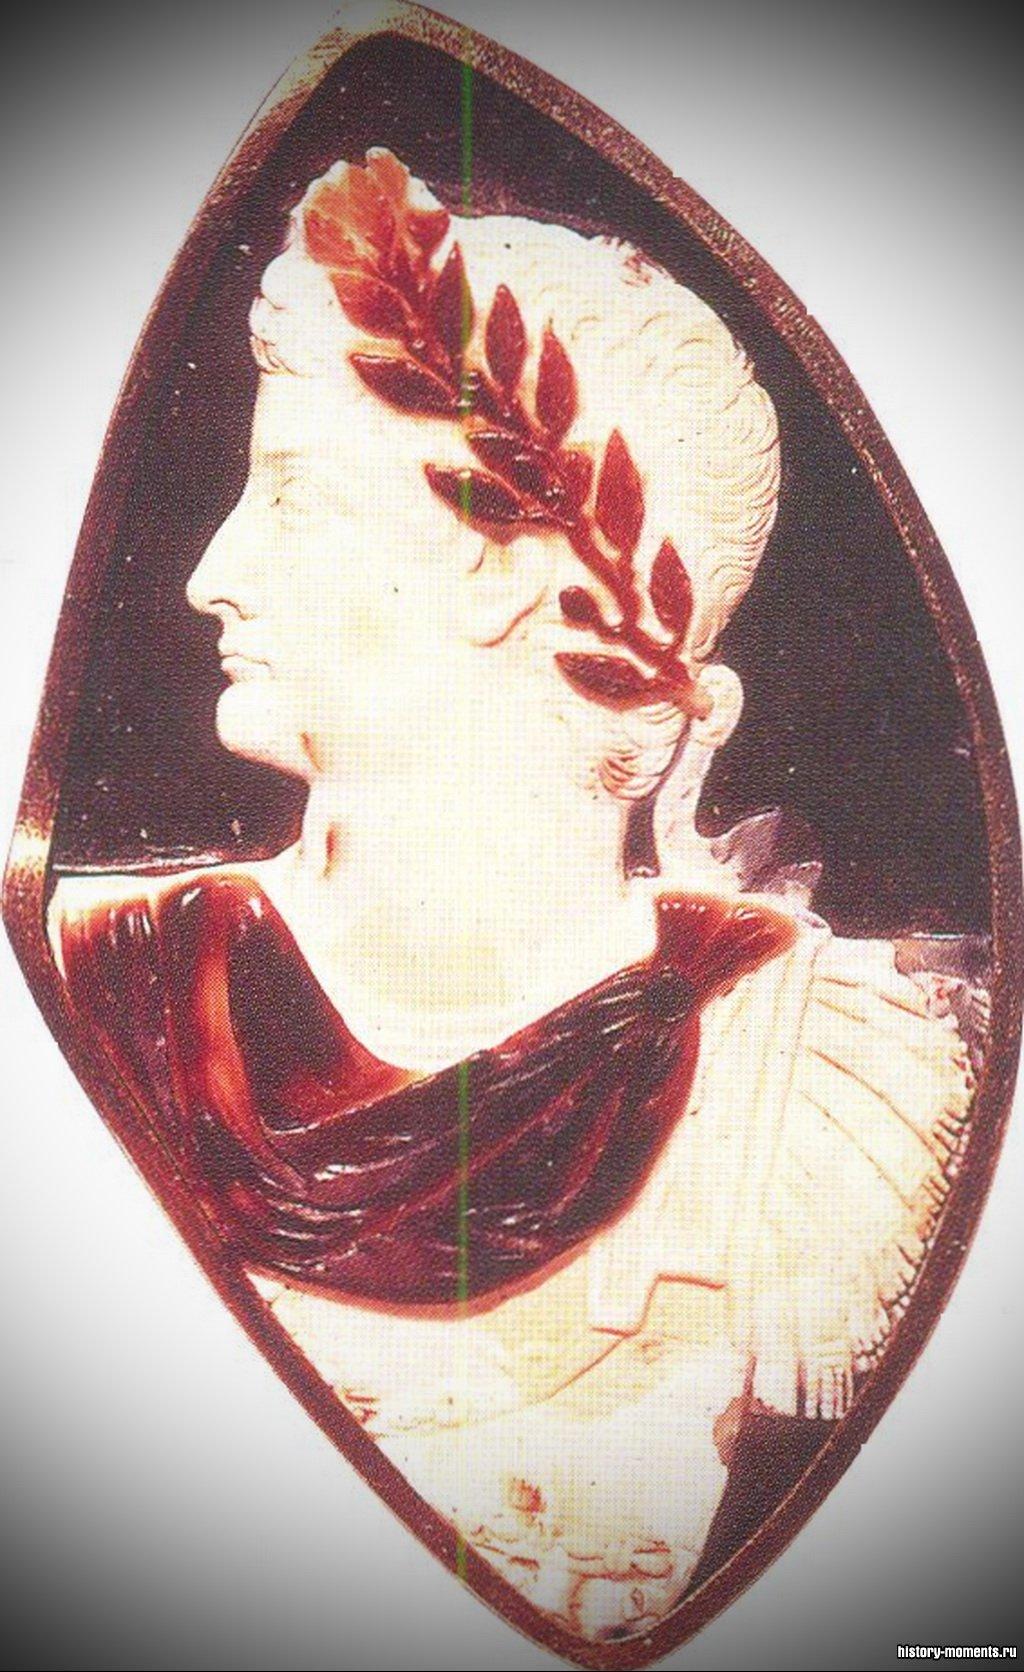 Камея из полудрагоценного сардоникса с изображением императора Тиберия.